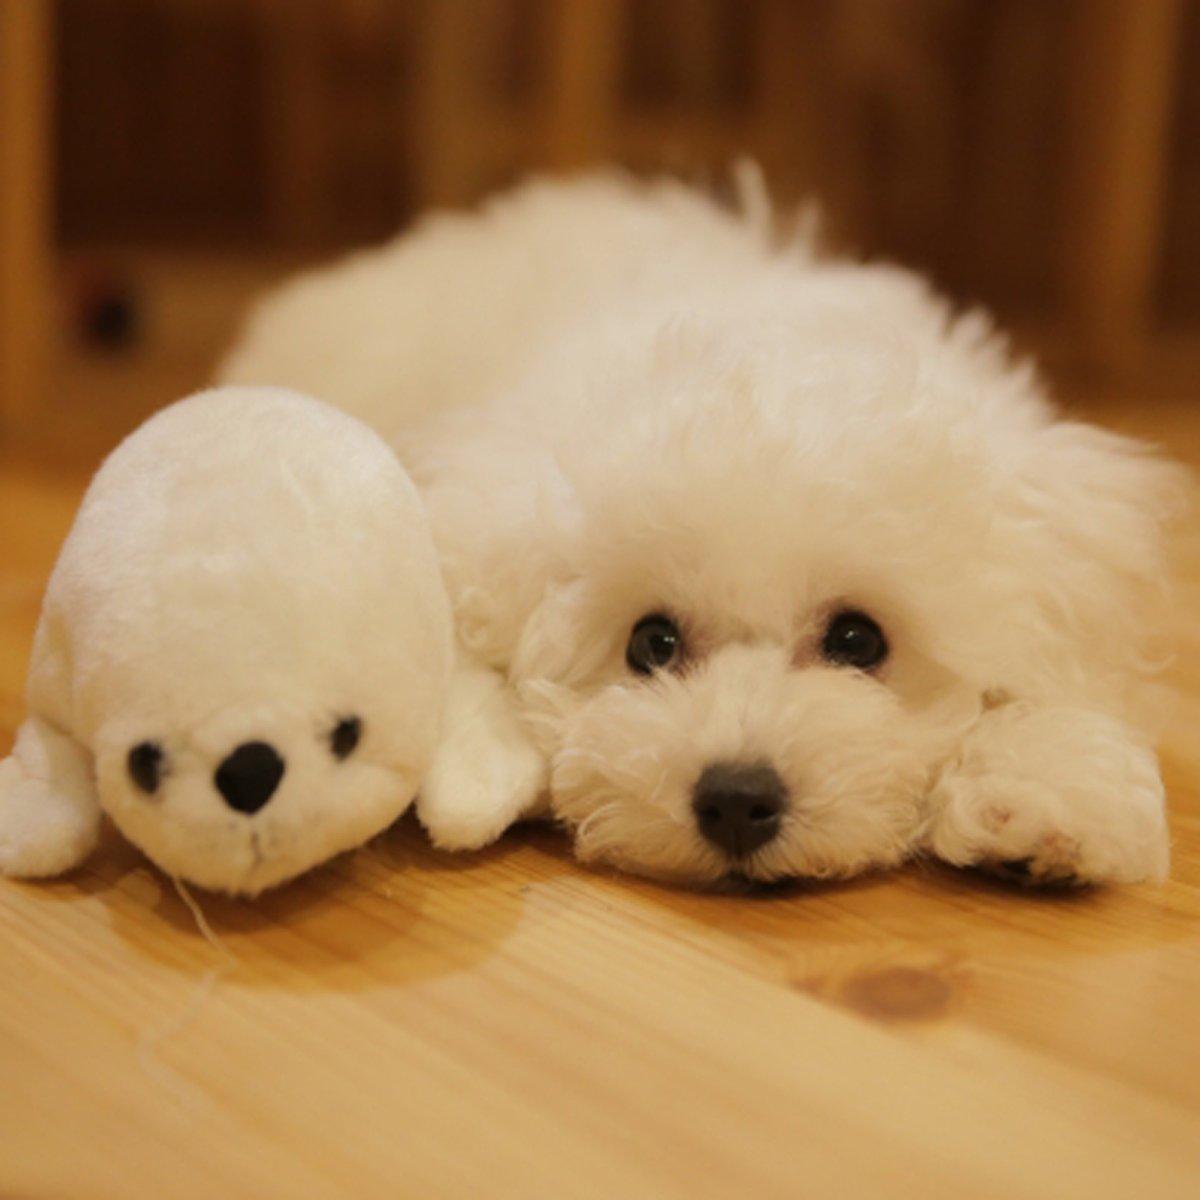 かわいいわんちゃん♪ #ハニーペット #HONEYPET #honeypet #犬 #ふわもこ部 #愛犬 #わんこ #いぬすたぐらむ #いぬ #ペット #犬のいる暮らし #ワンコ #イヌ #いぬのきもち #こいぬ #dog #dogsofinstagram #puppy #pet  #instagood #follow #followme https://t.co/yZhHYmdKft